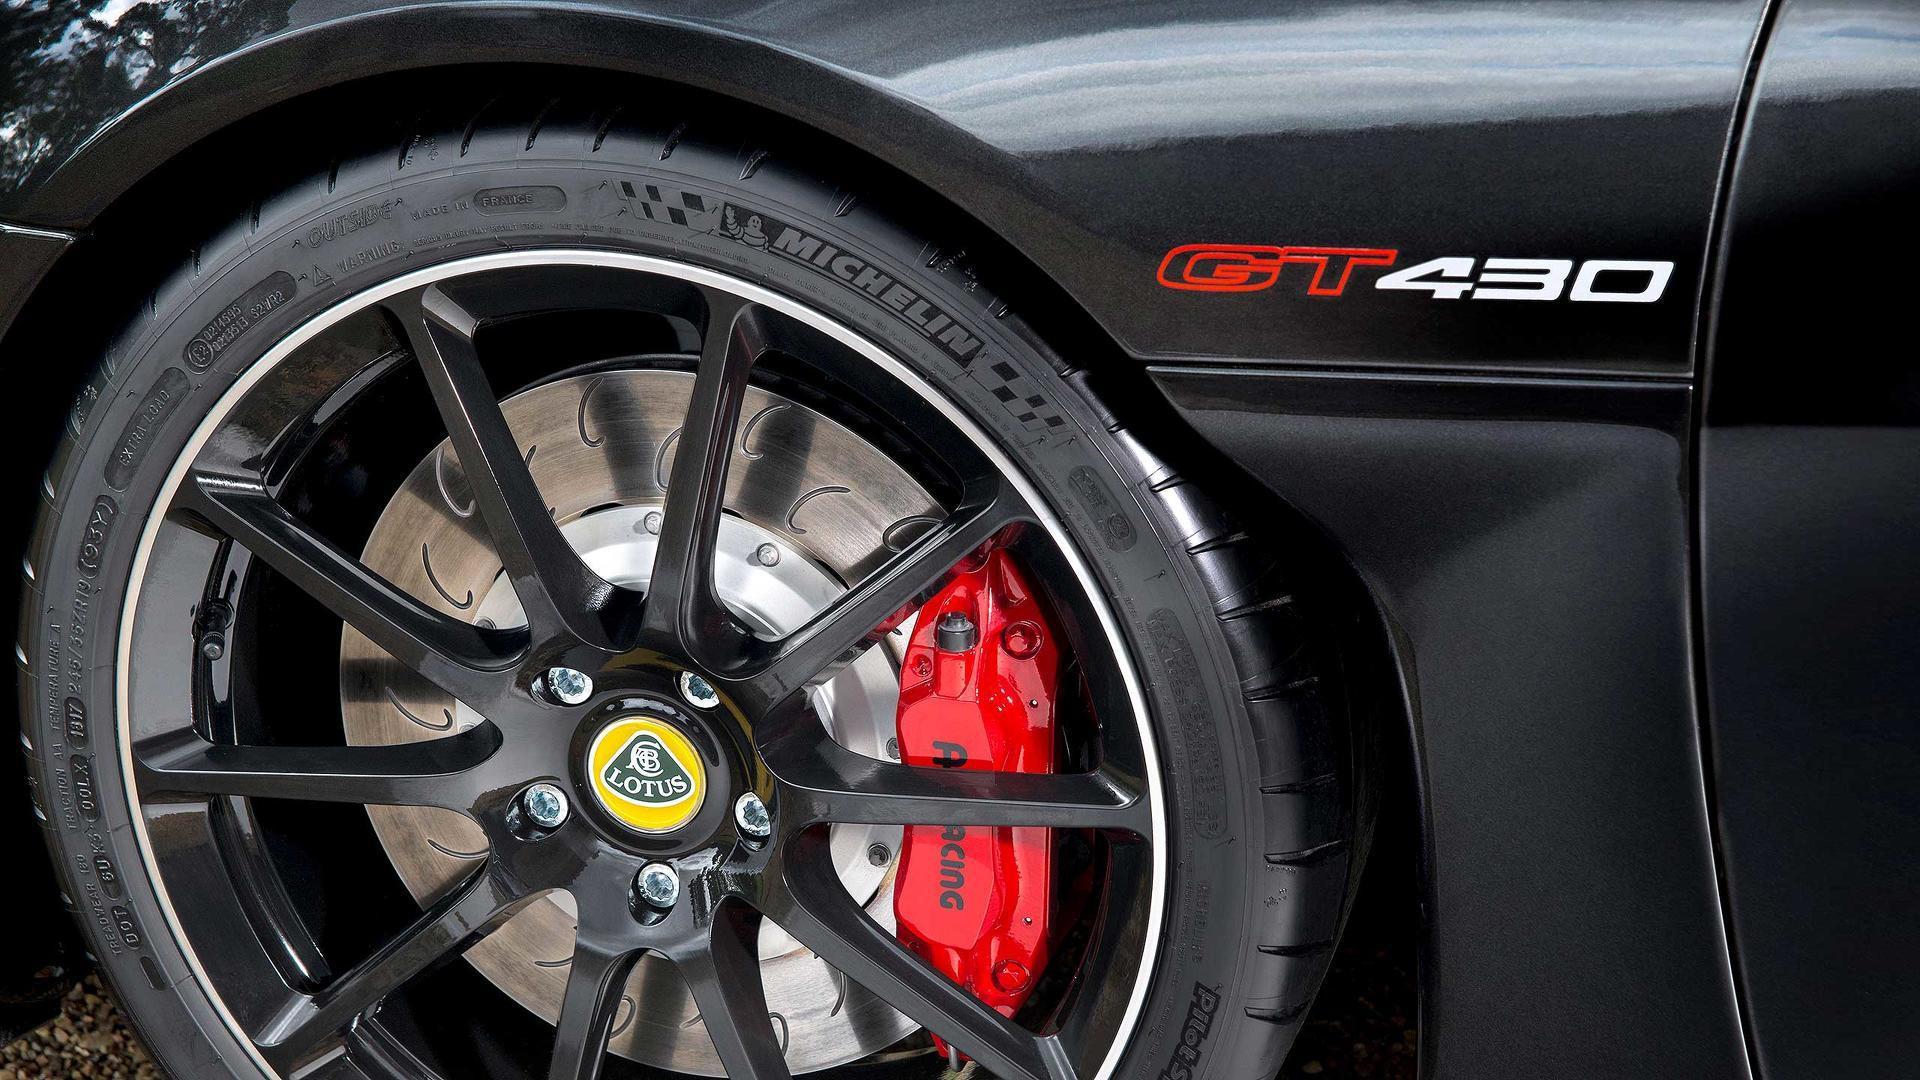 nouvelle-lotus-evora-gt430-a-l-assaut-des-supercars-382-5.jpg